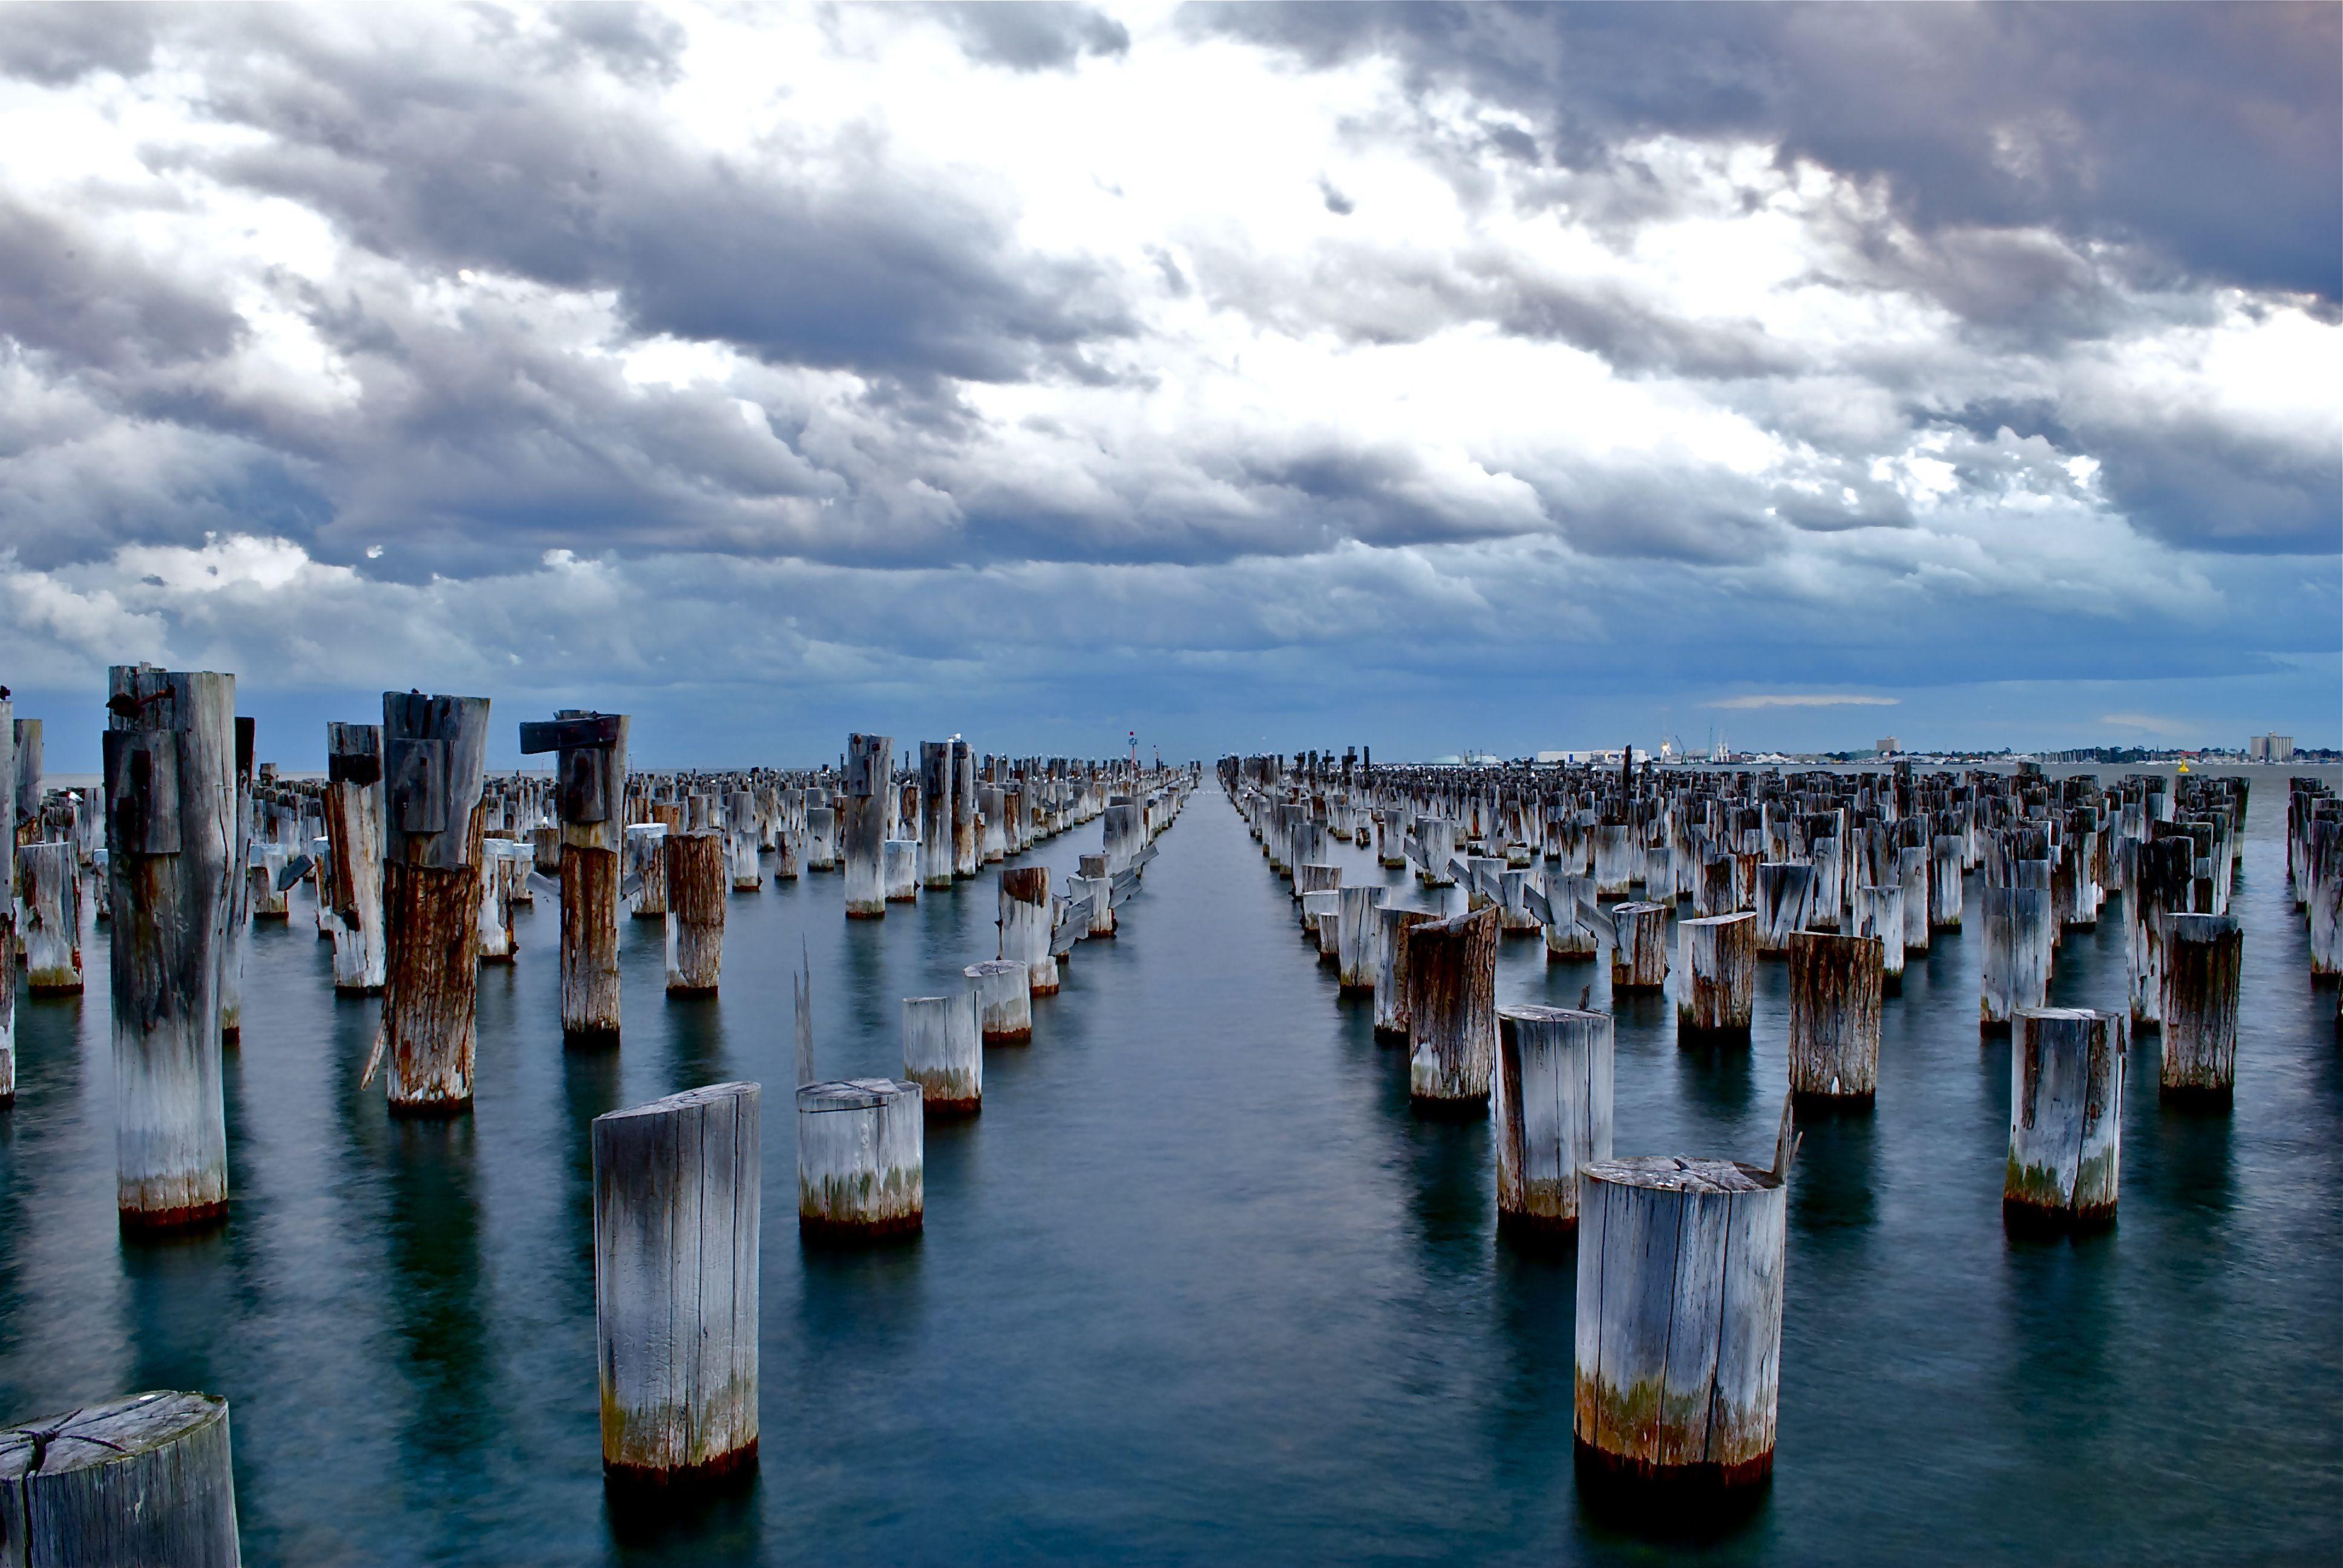 Port Melbourne 09/05/2012